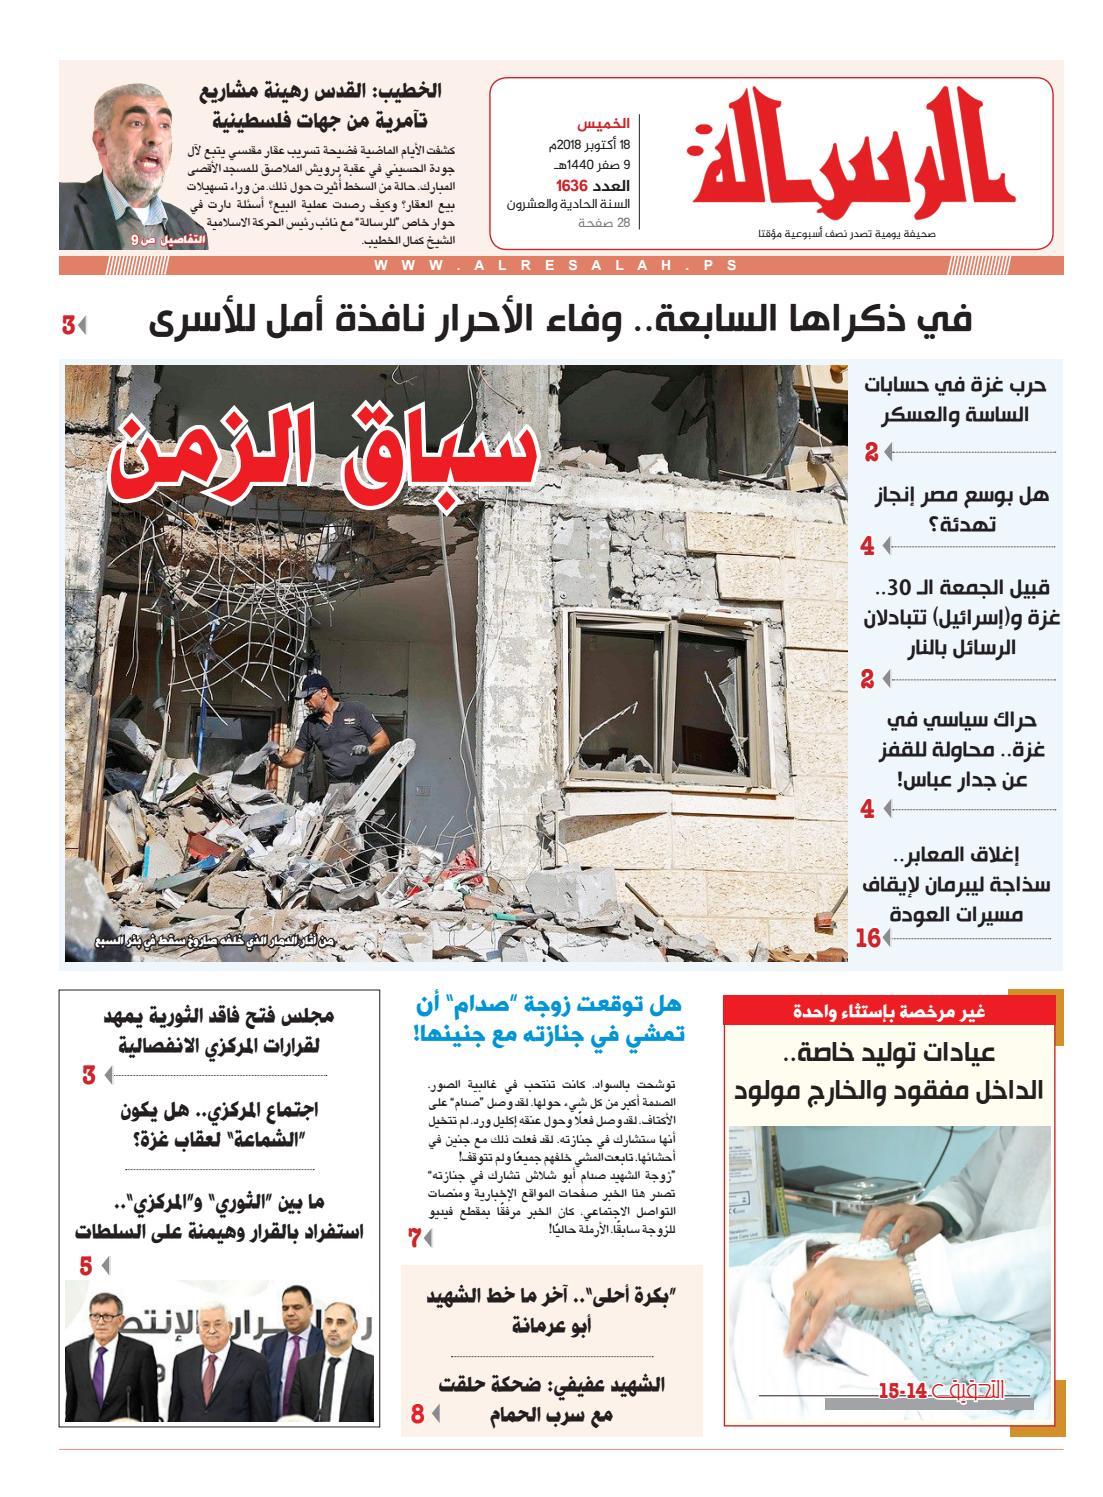 fdf968926931d 1636 by صحيفة الرسالة - issuu